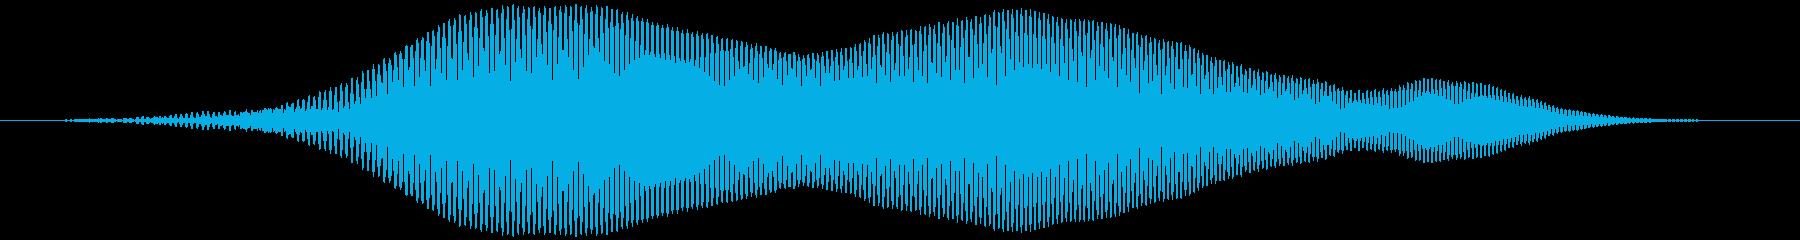 ジャンプ (ポォン)の再生済みの波形